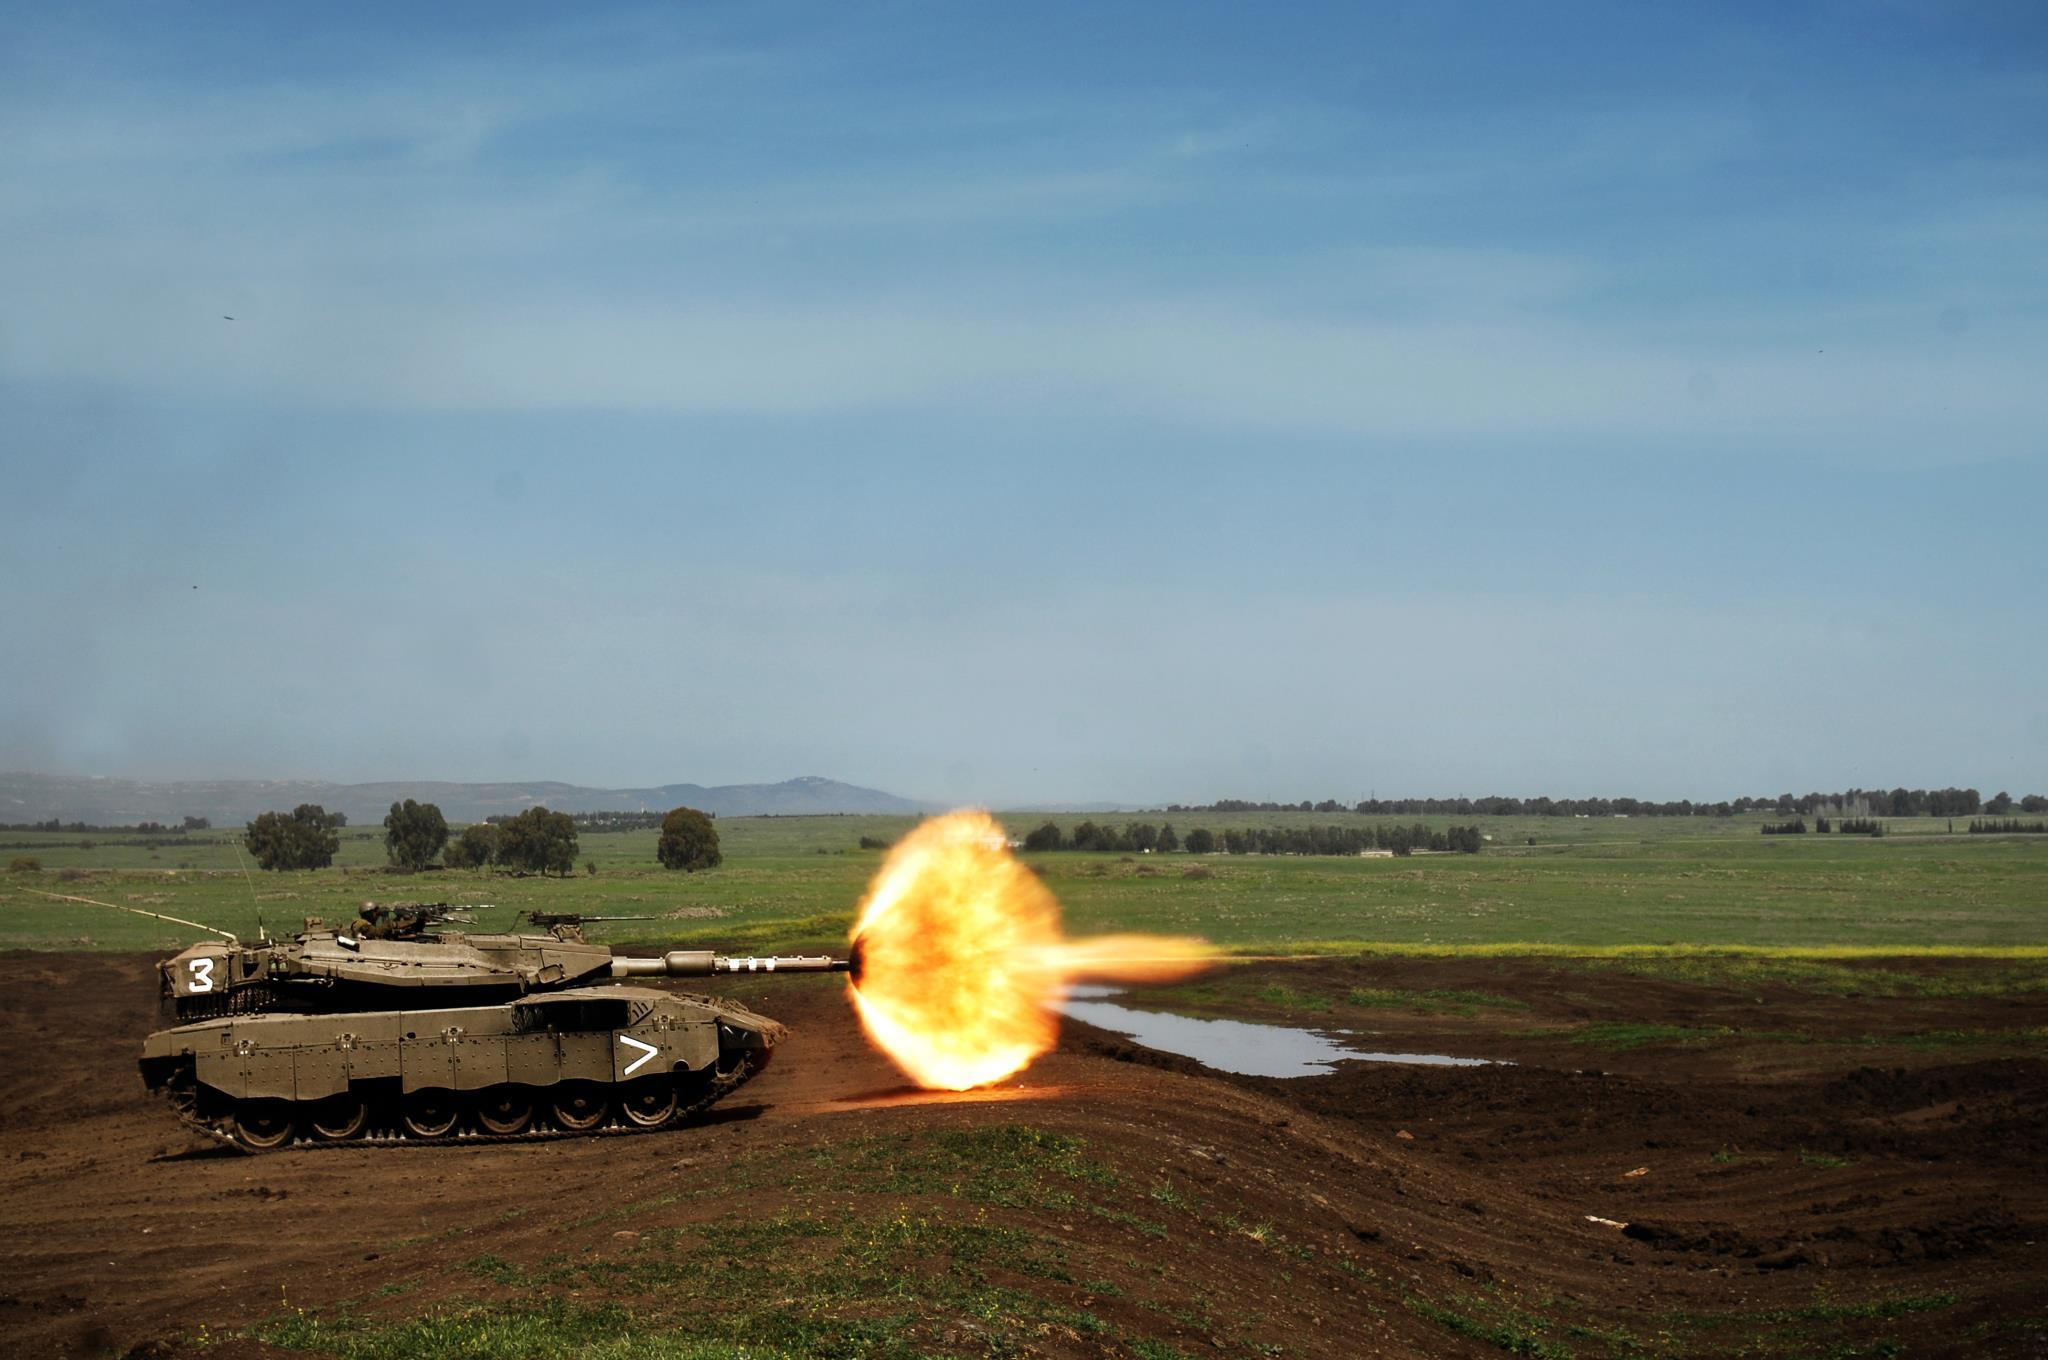 IDFB 8